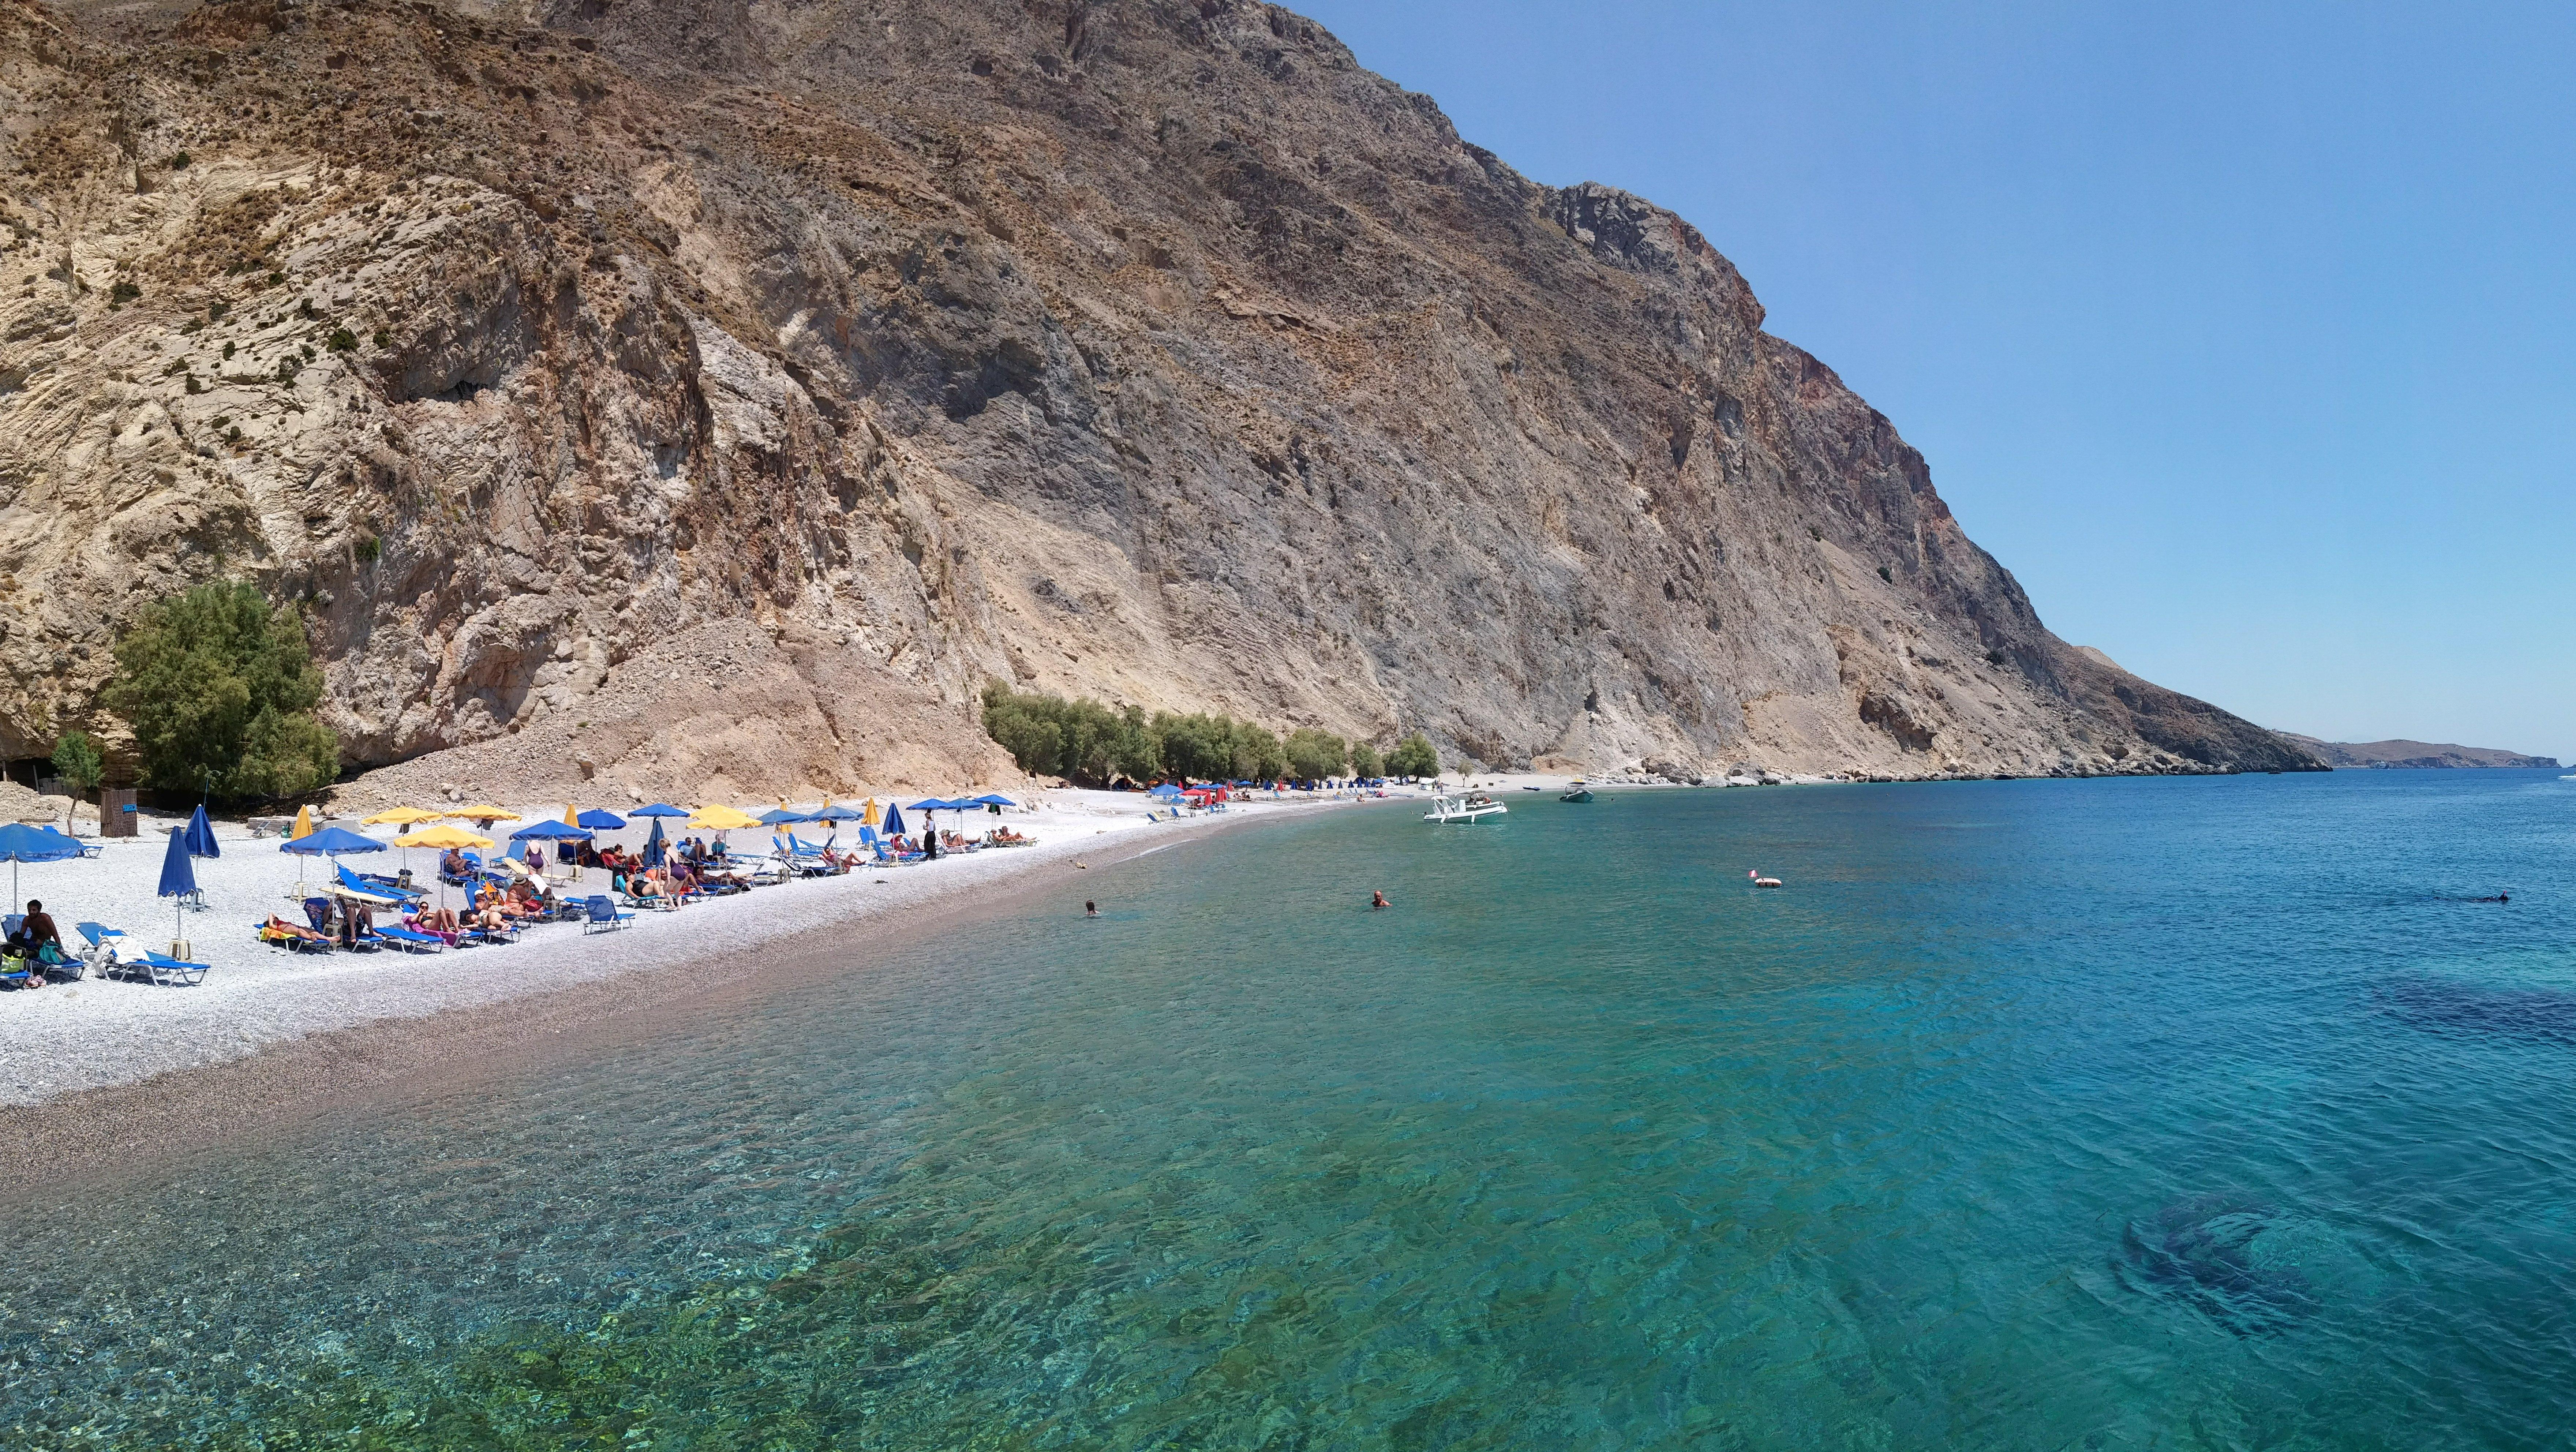 Glyca_nera_spiaggia